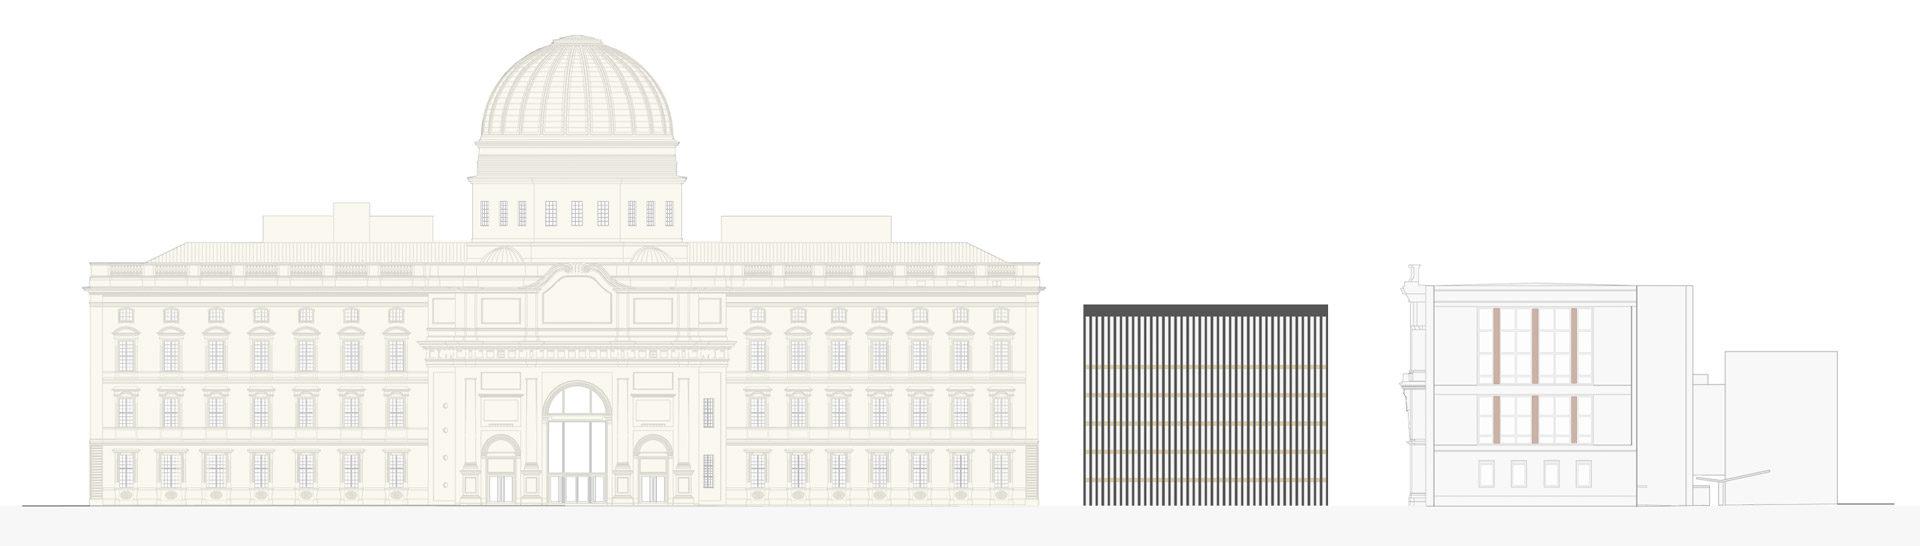 thyssenkrupp haus project facade